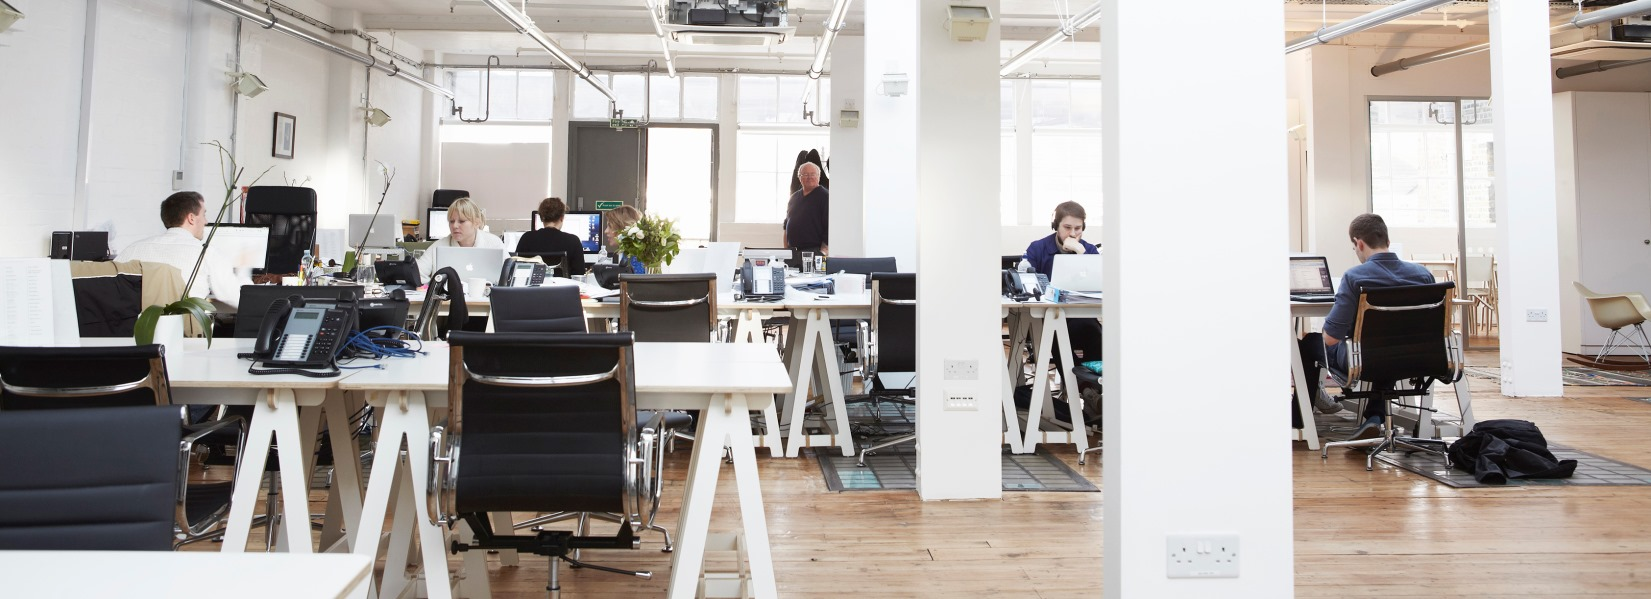 Workspace_0